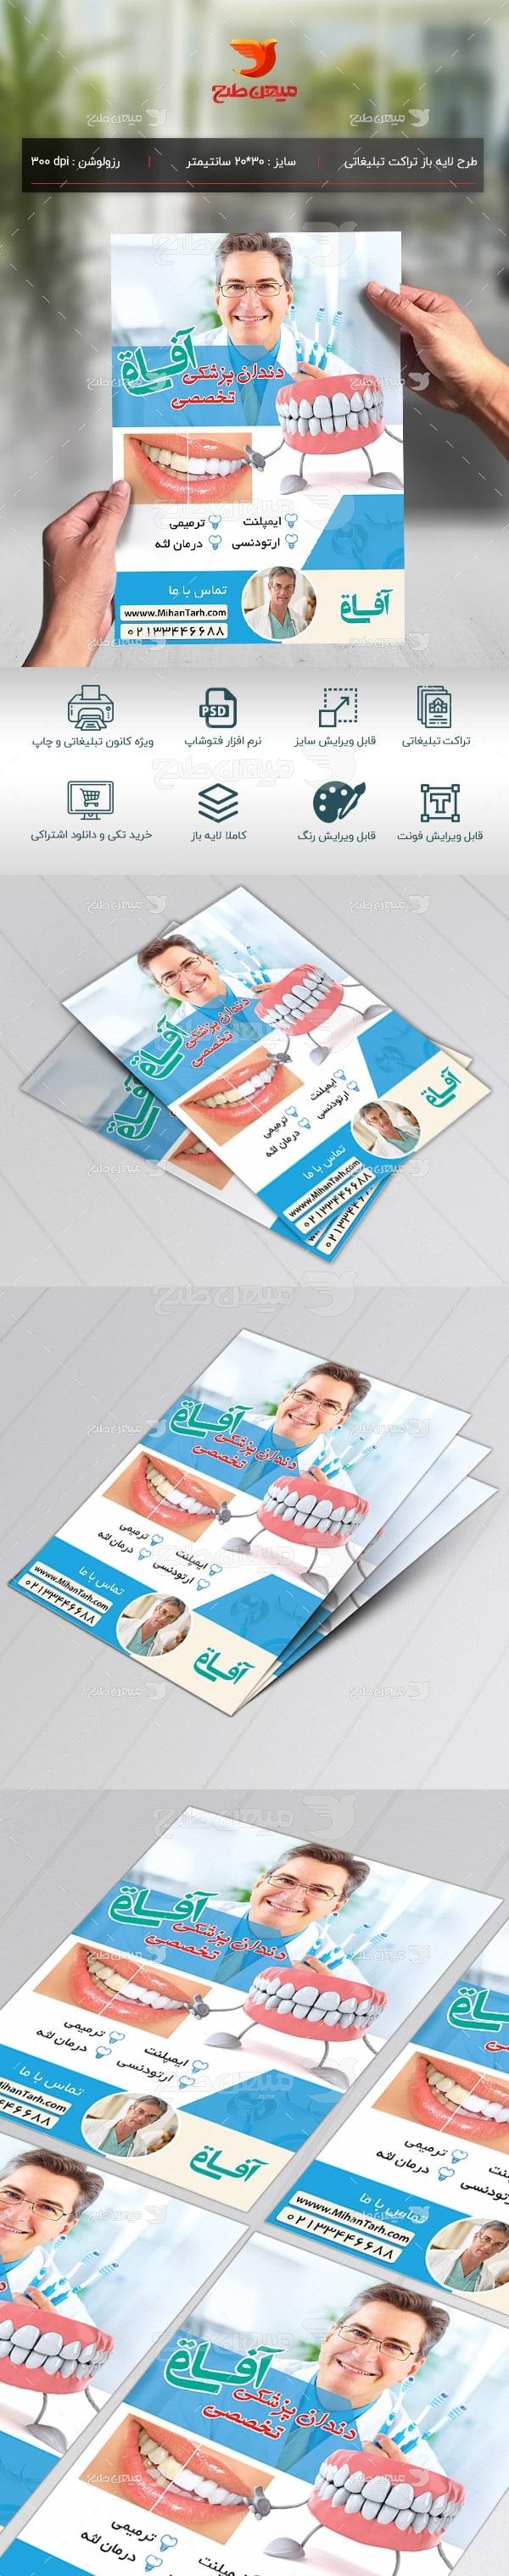 طرح پوستر لایه باز دندانپزشکی